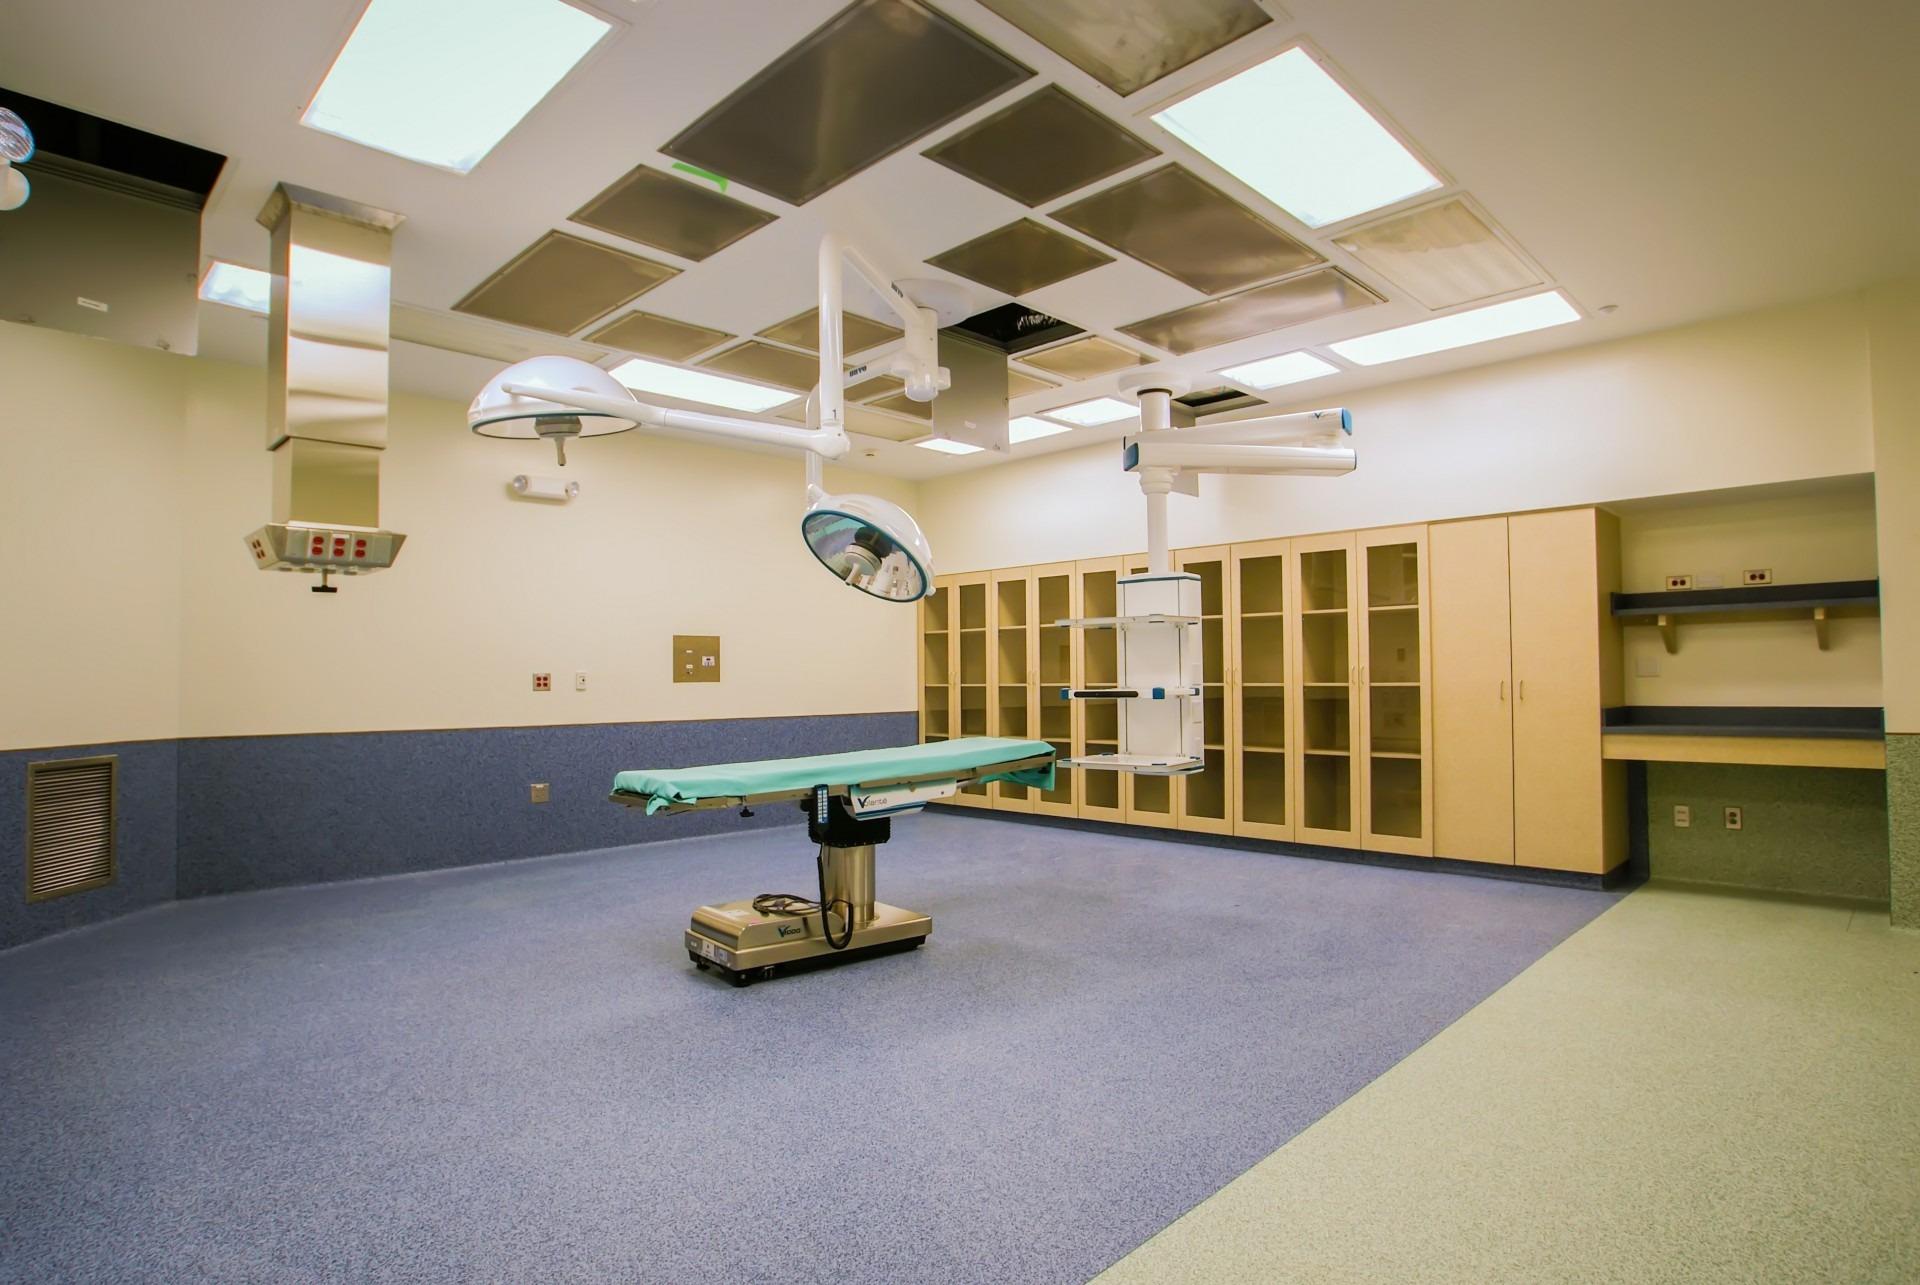 Table sol maison plafond intérieur nettoyer propriété salon chambre design dintérieur conception lit des